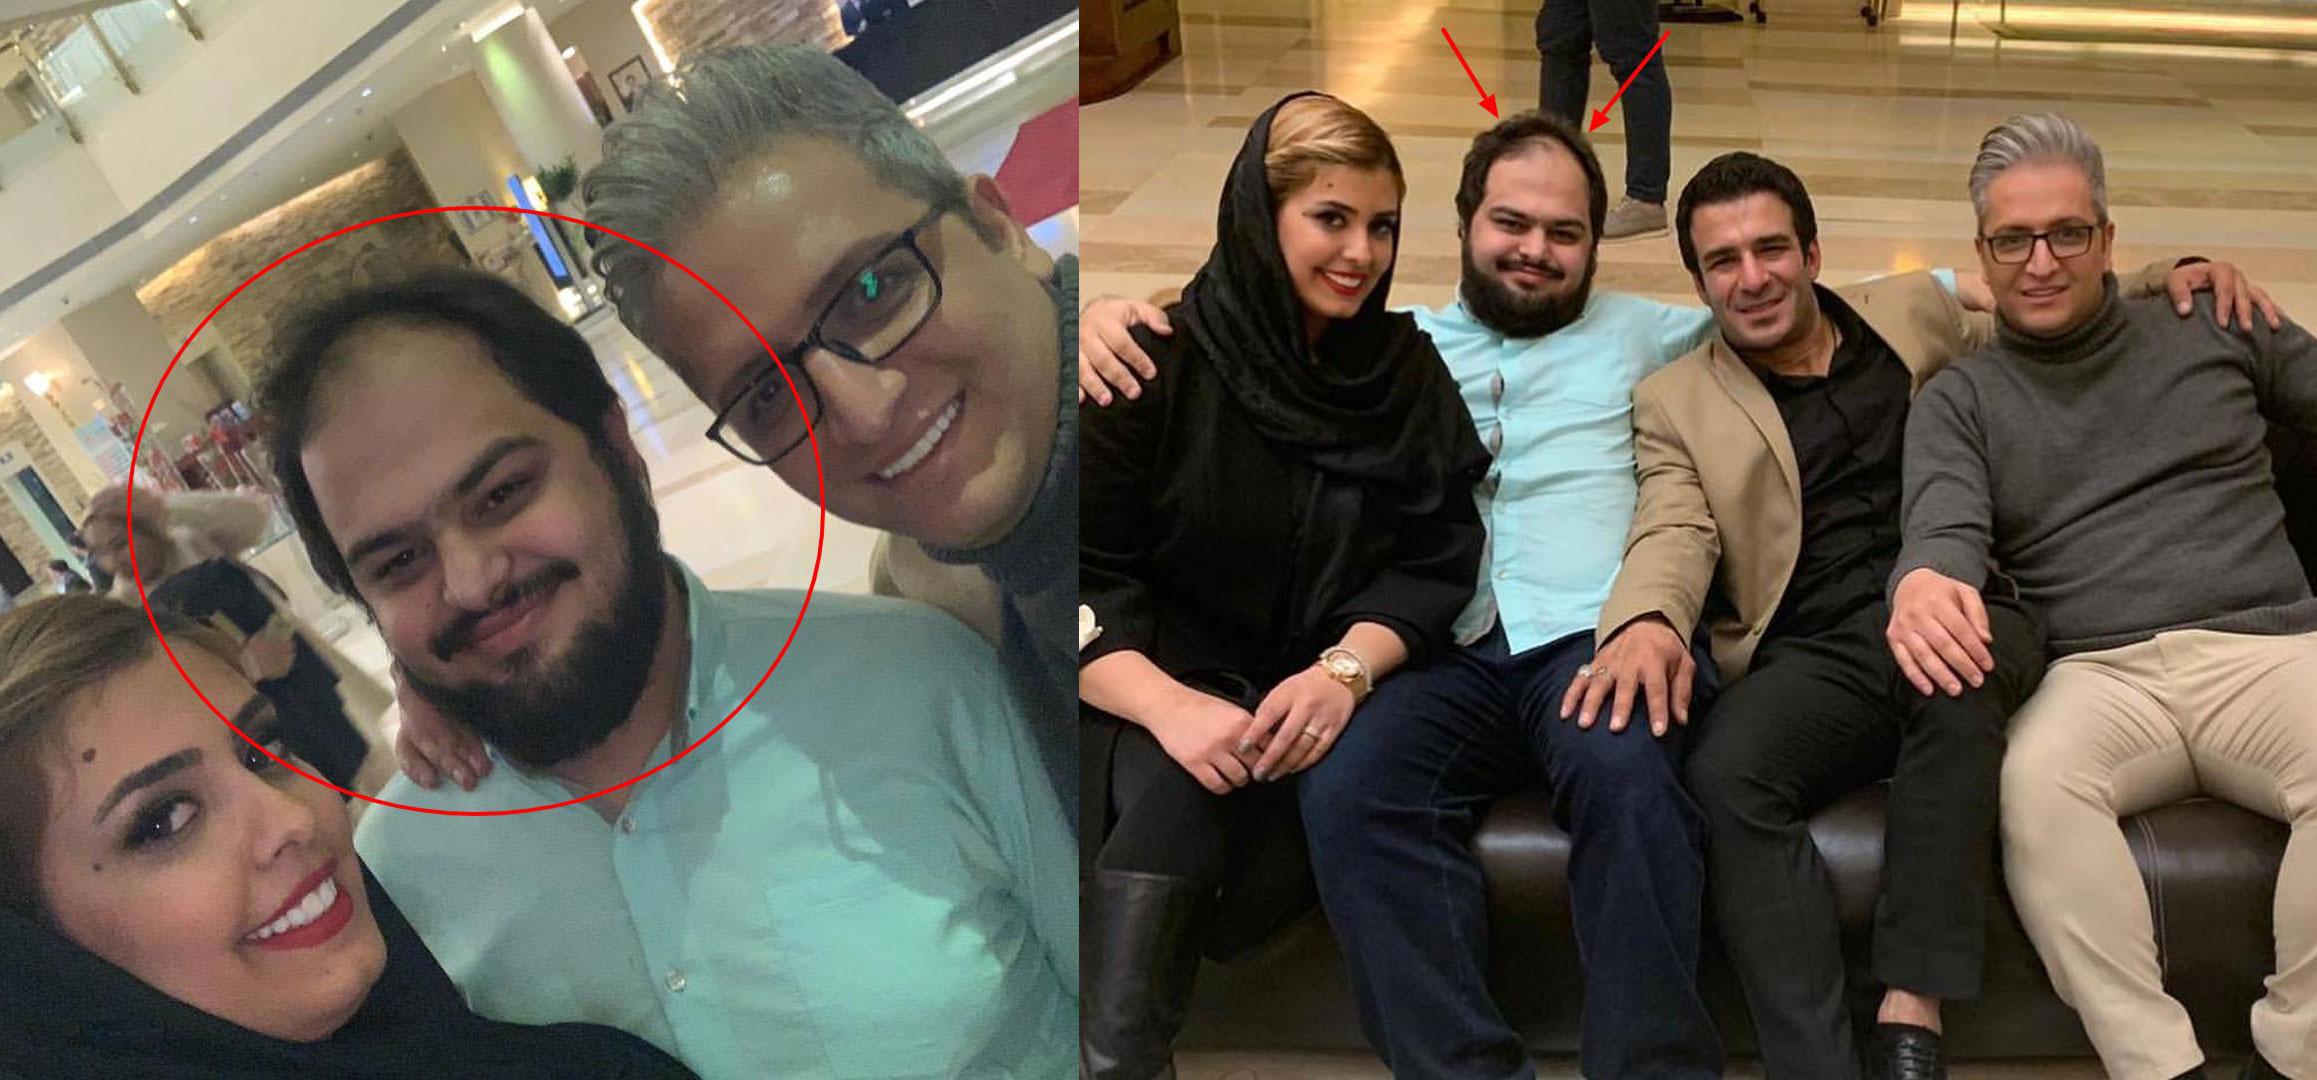 چهره پشت پرده حذف فردوسی پور و رئیس قمارخانه سیمای ملی کیست؟